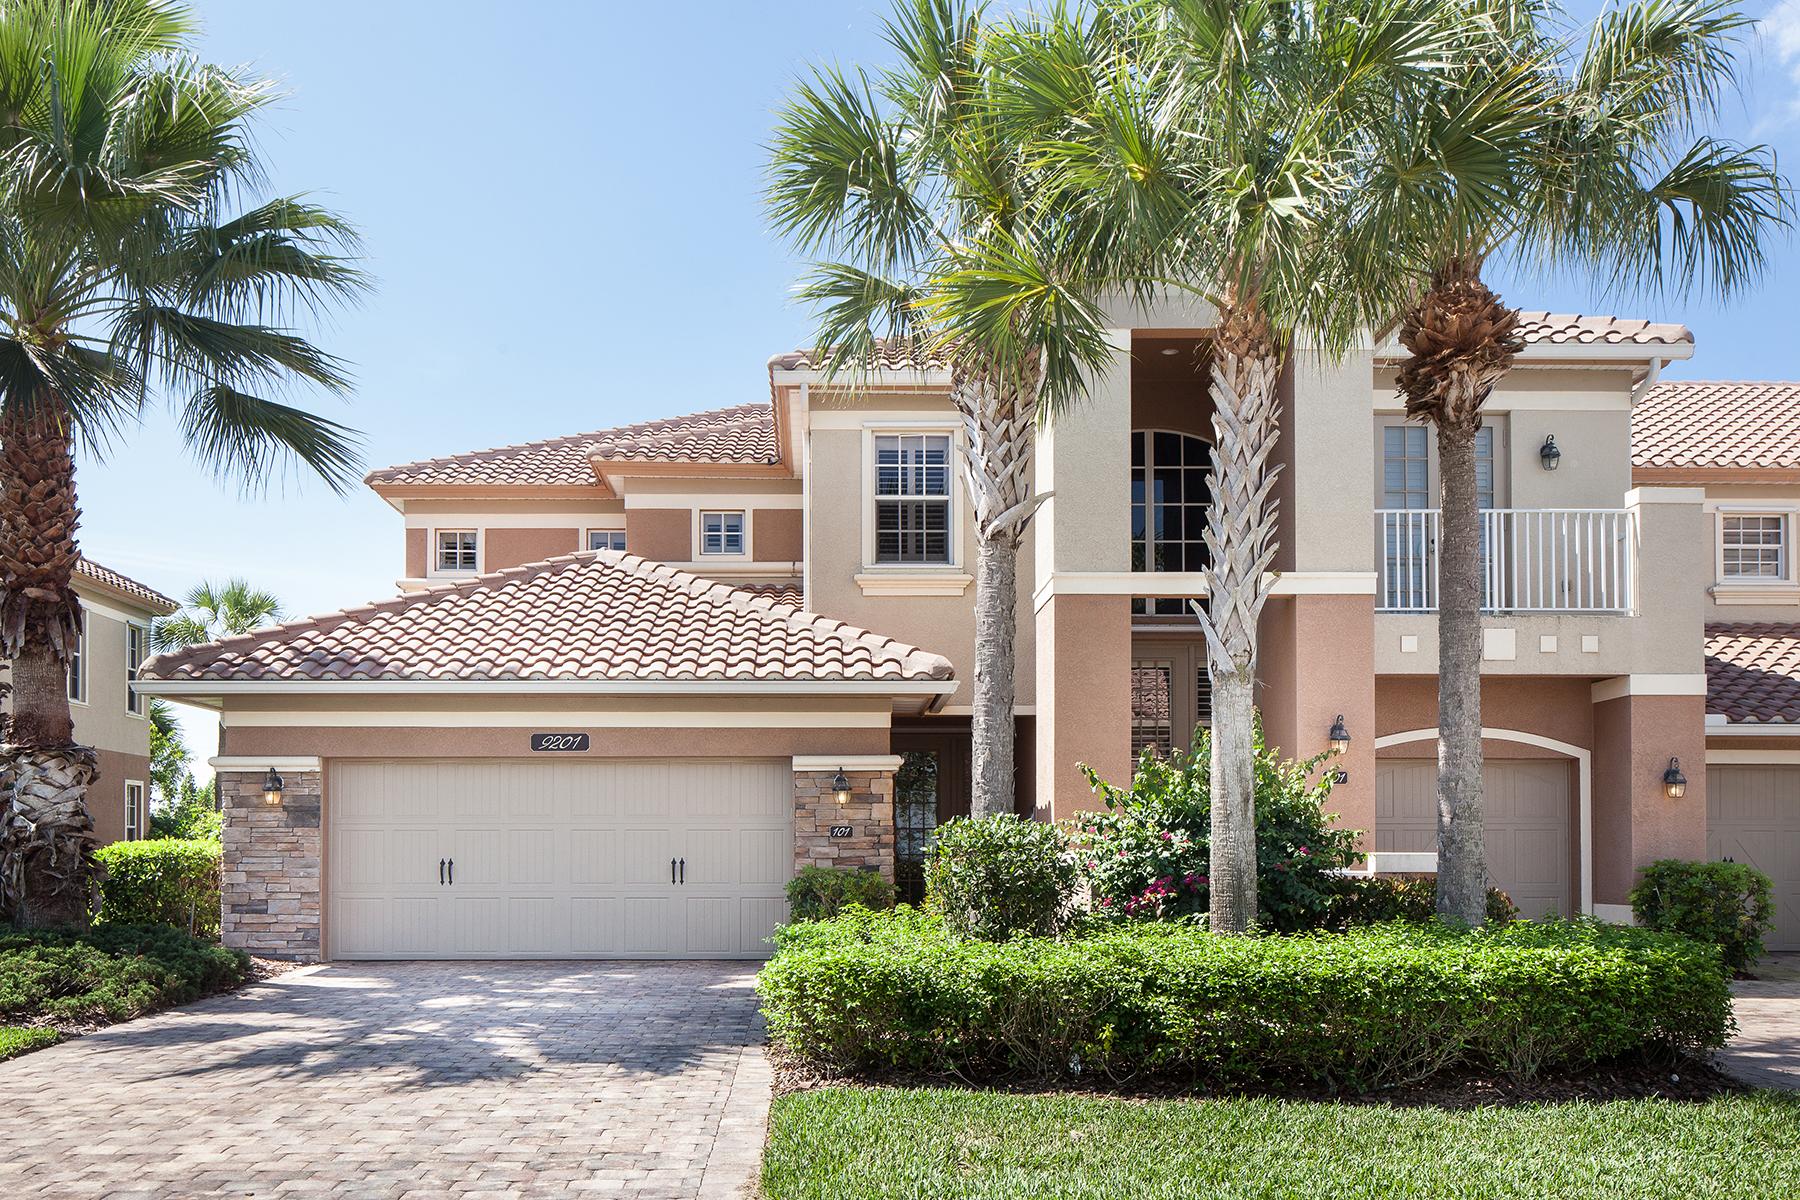 Property For Sale at 9201 Quartz Ln , 101, Naples, FL 34120